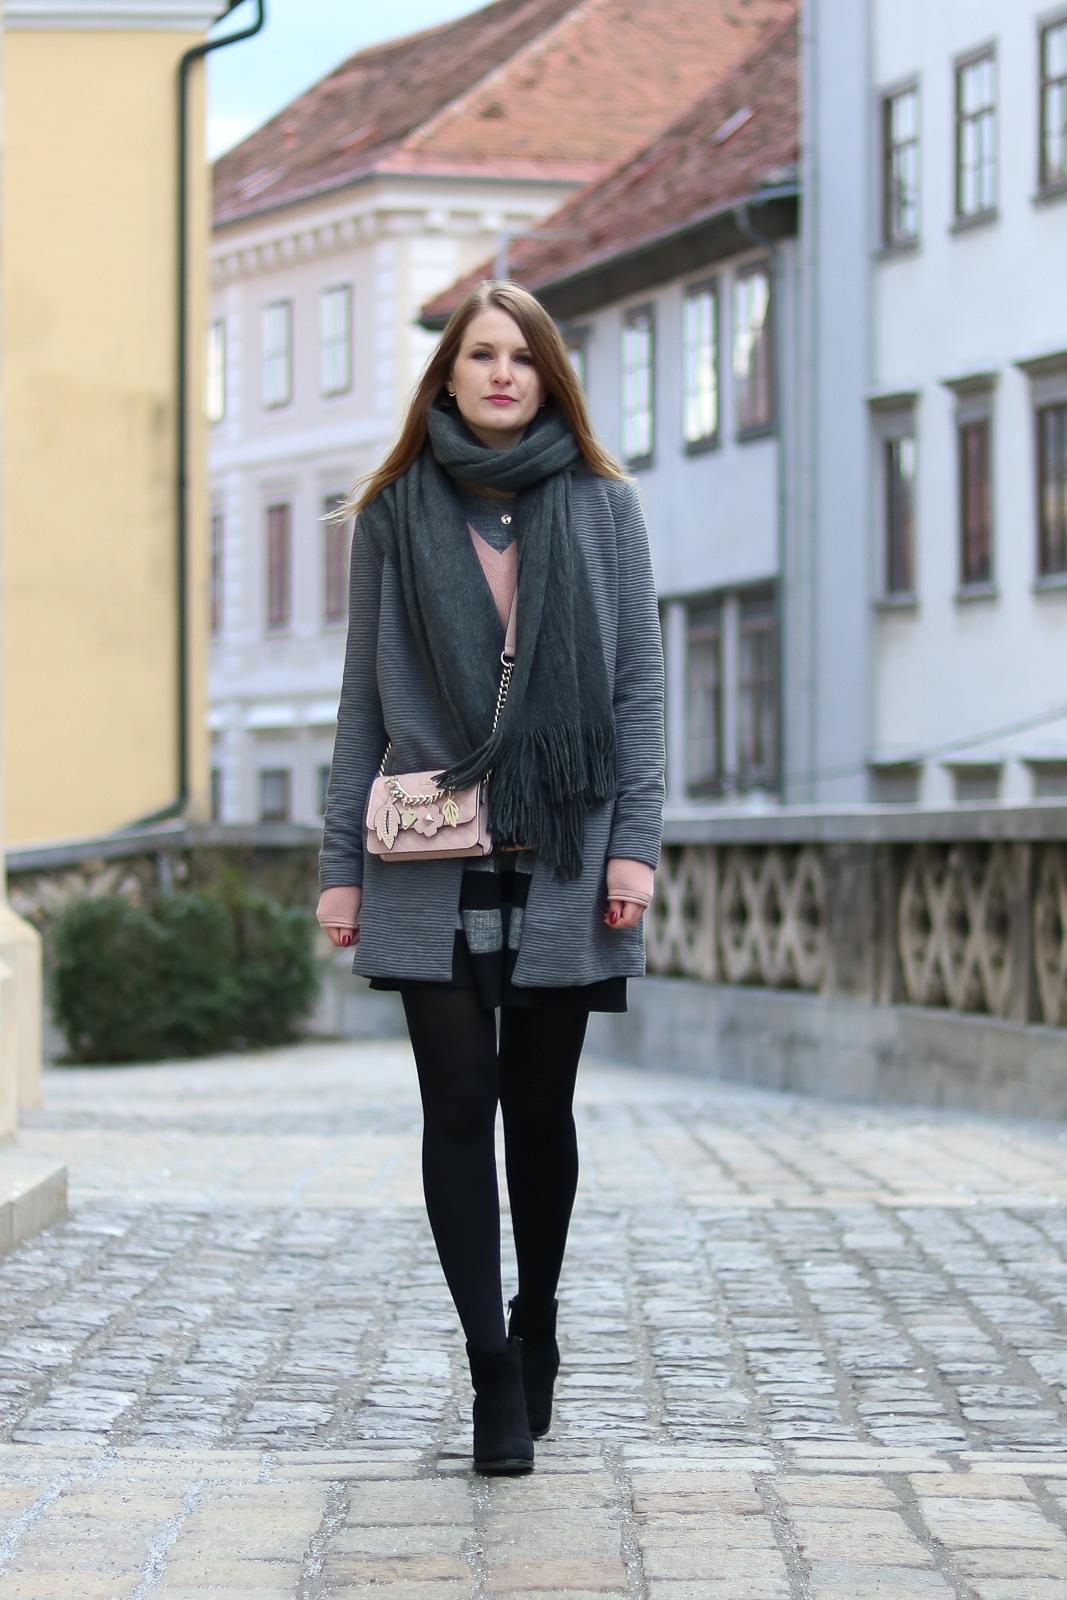 20 Einzigartig Schickes Kleid Winter Stylish20 Genial Schickes Kleid Winter Spezialgebiet